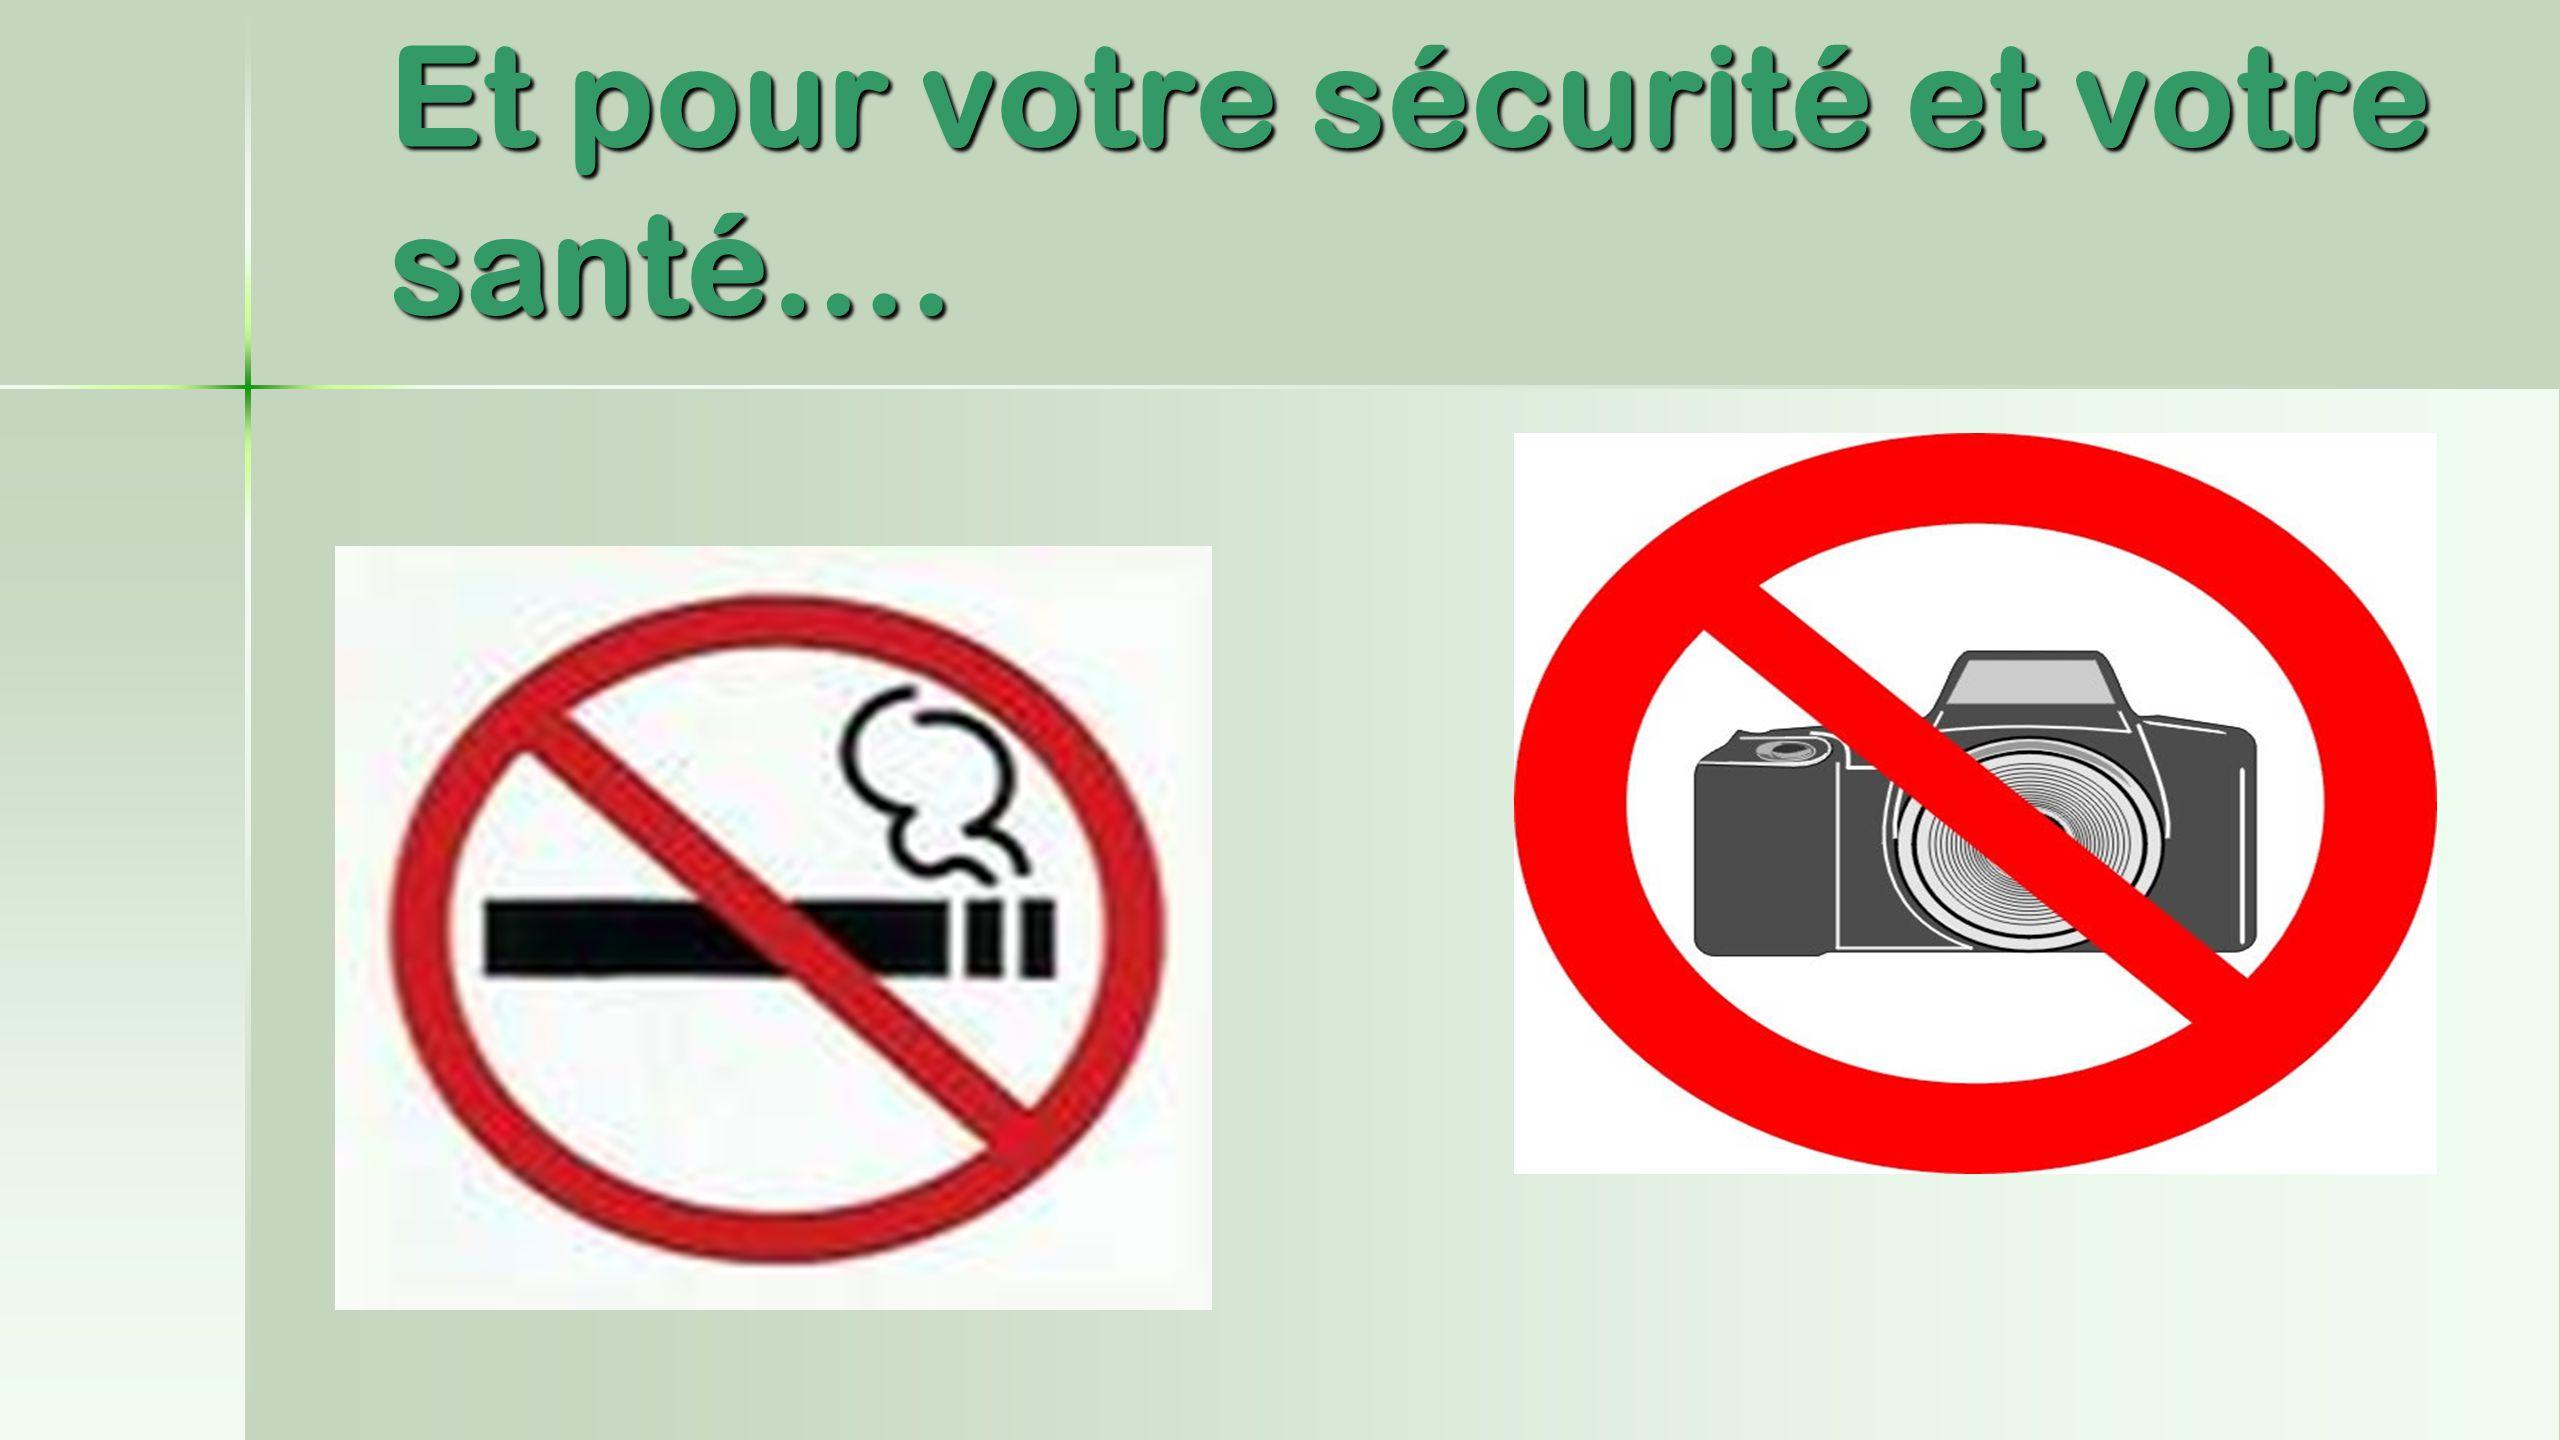 Et pour votre sécurité et votre santé….